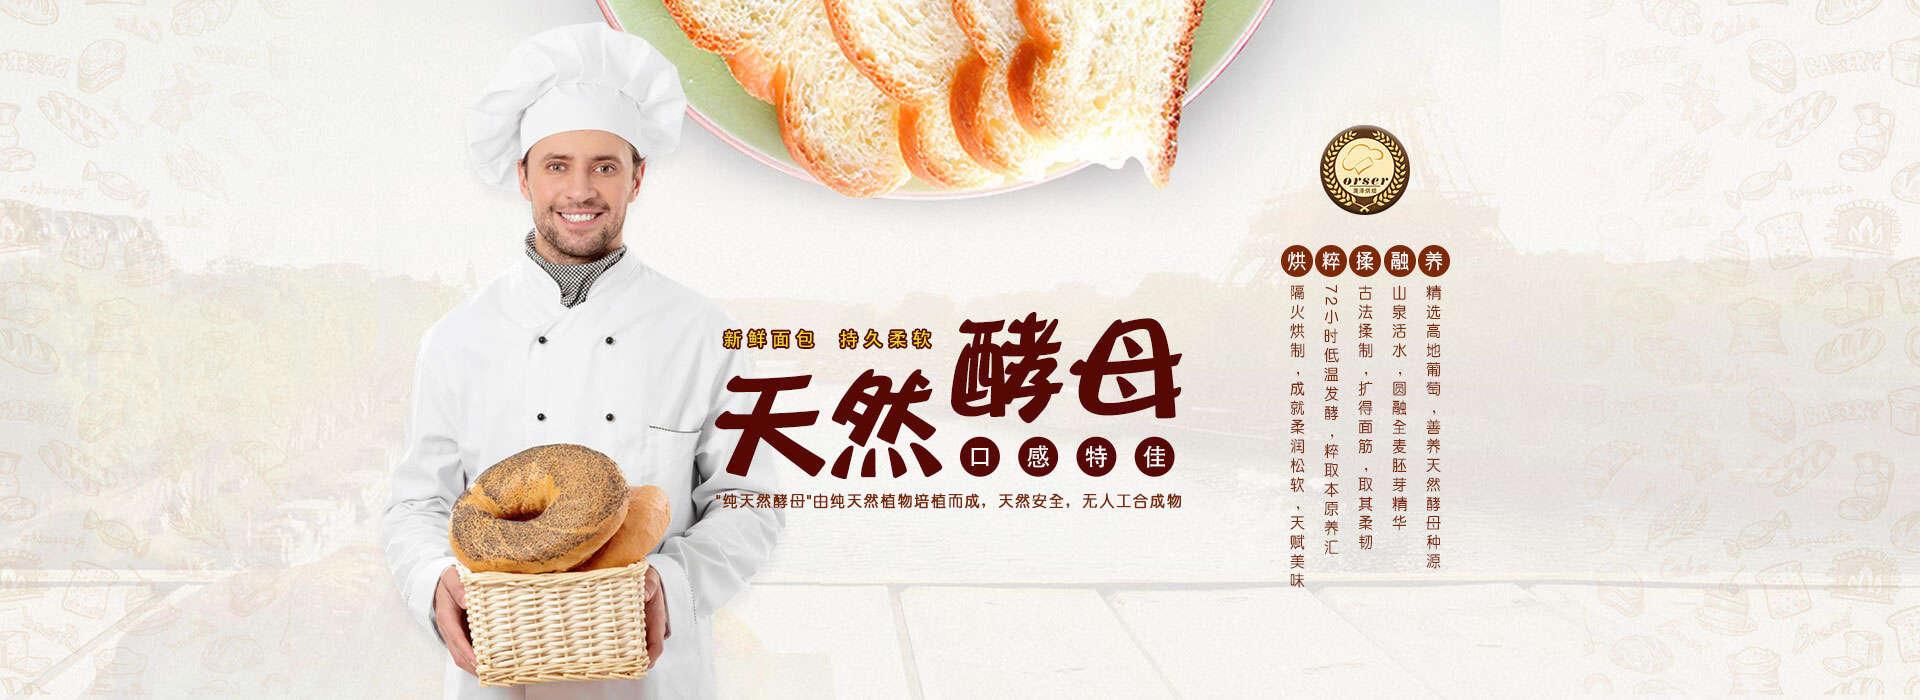 新法澳泽烘焙创业项目_昌启餐饮蛋糕面包加盟